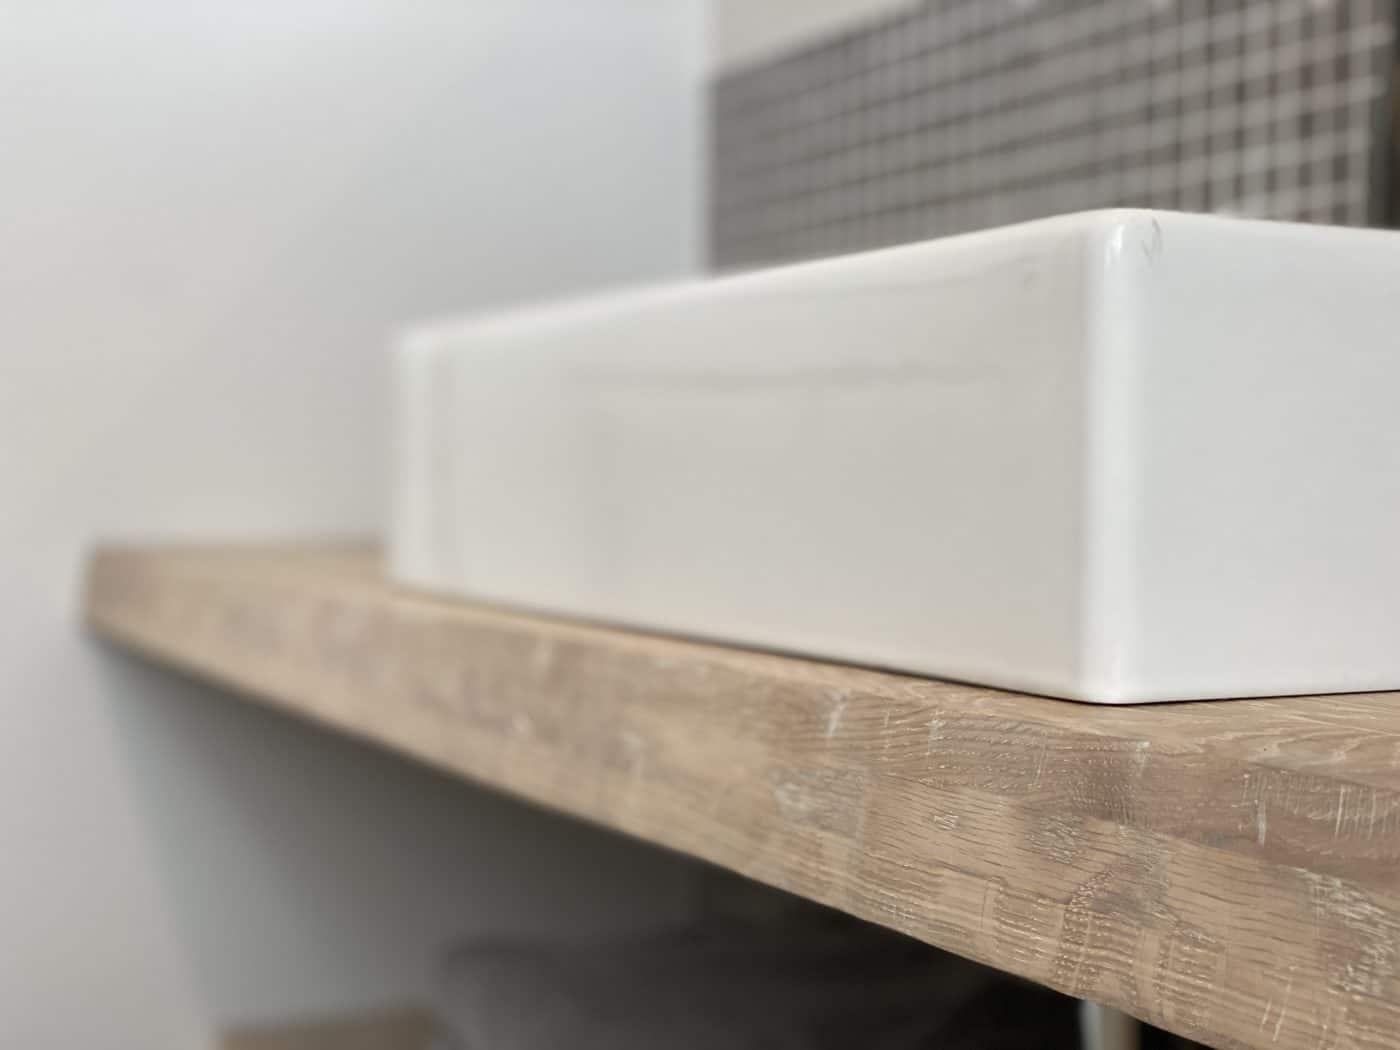 Waschtischplatte aus Eiche im Wunschformat • Zuschnittprofi.de